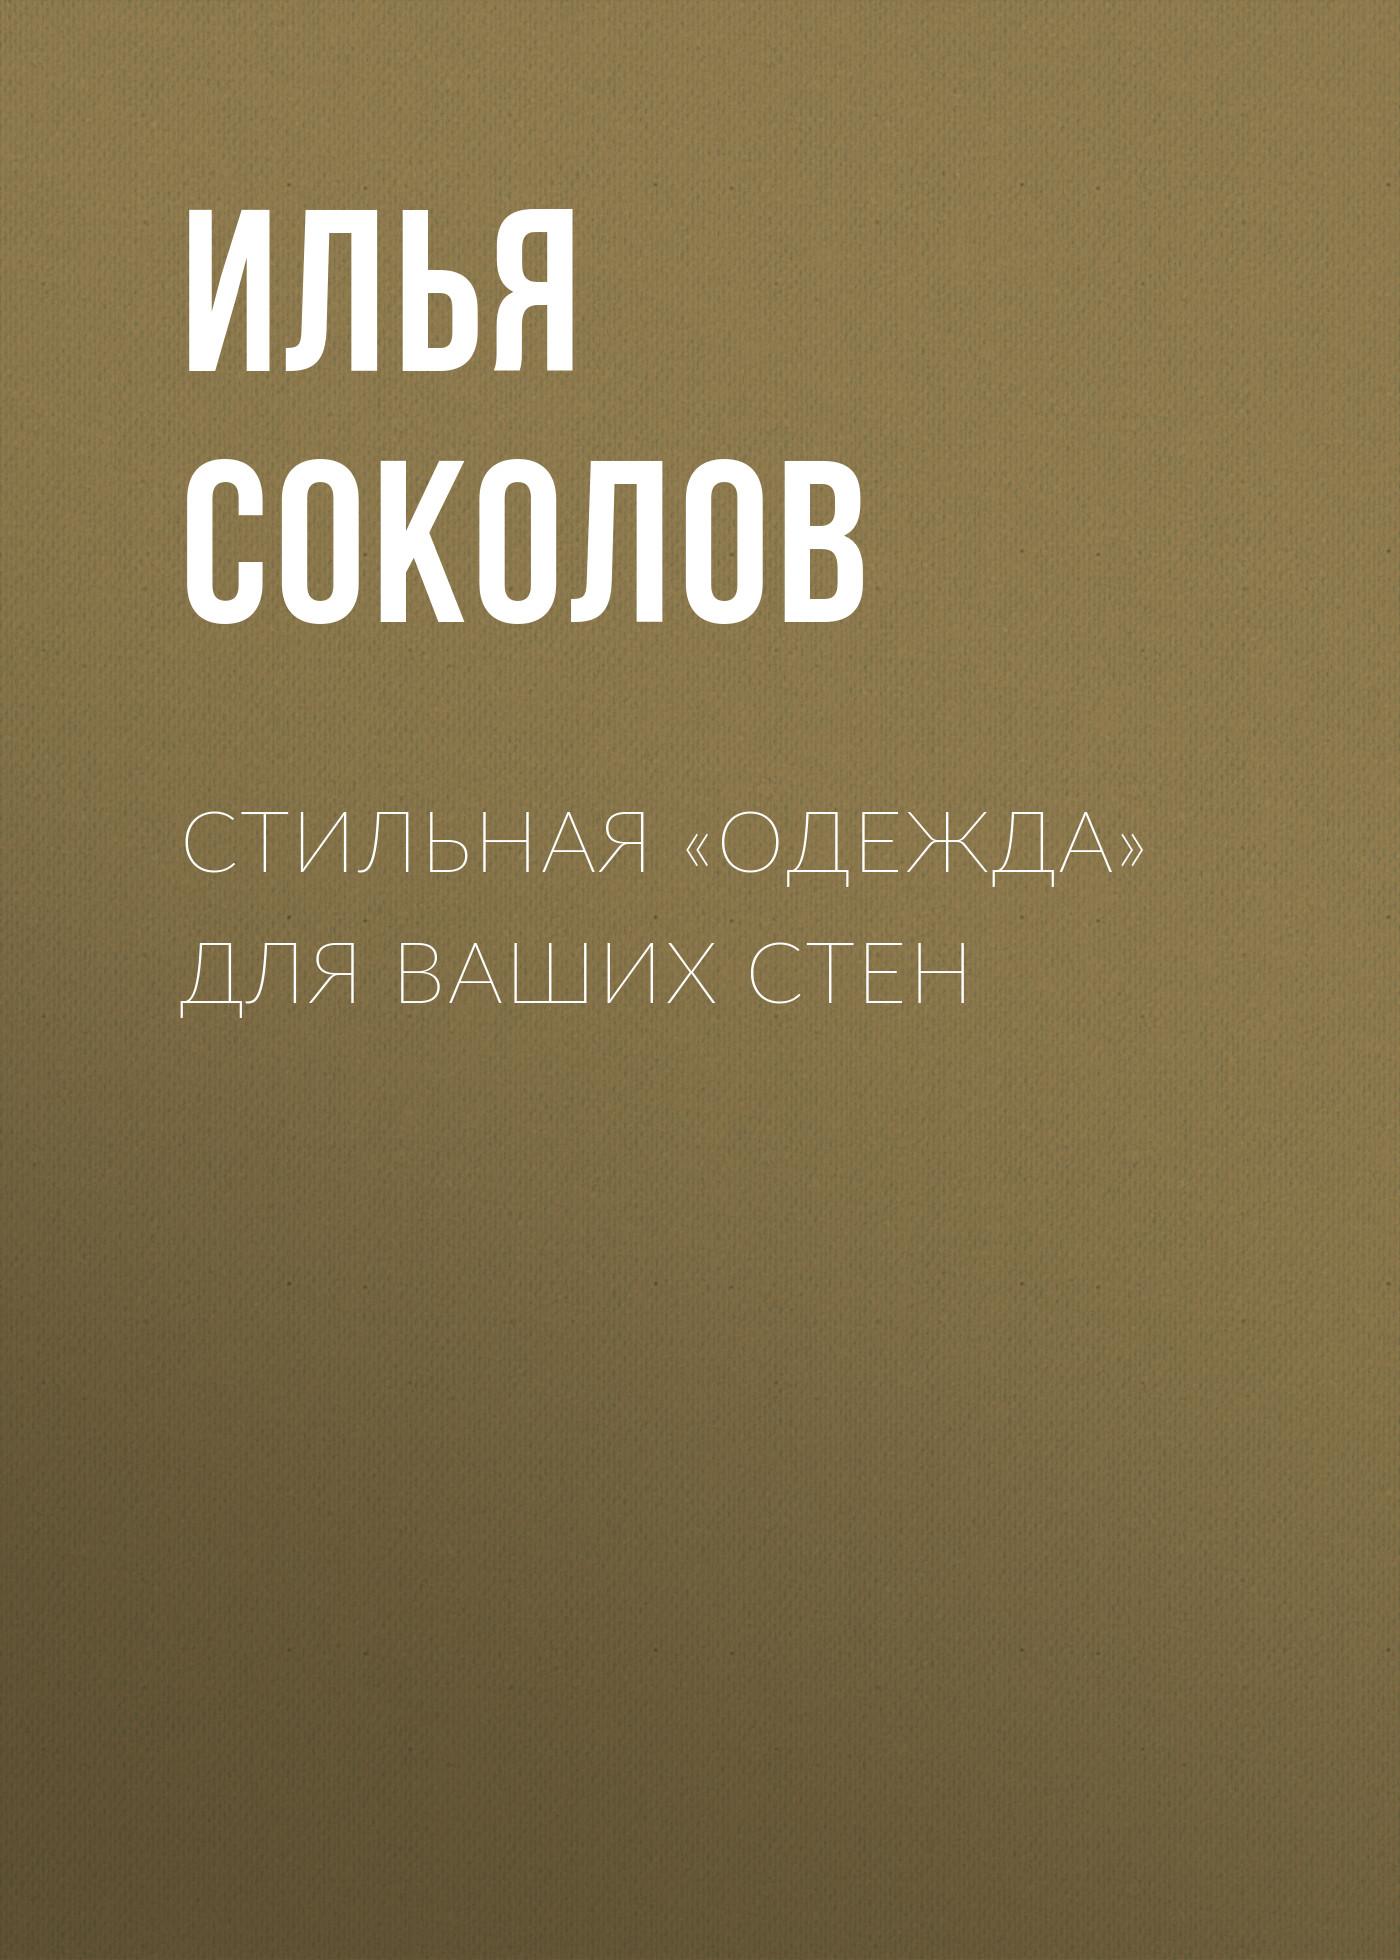 Илья Соколов Стильная одежда для ваших стен. Отделка и декор вашего дома илья соколов стильная одежда для ваших стен отделка и декор вашего дома